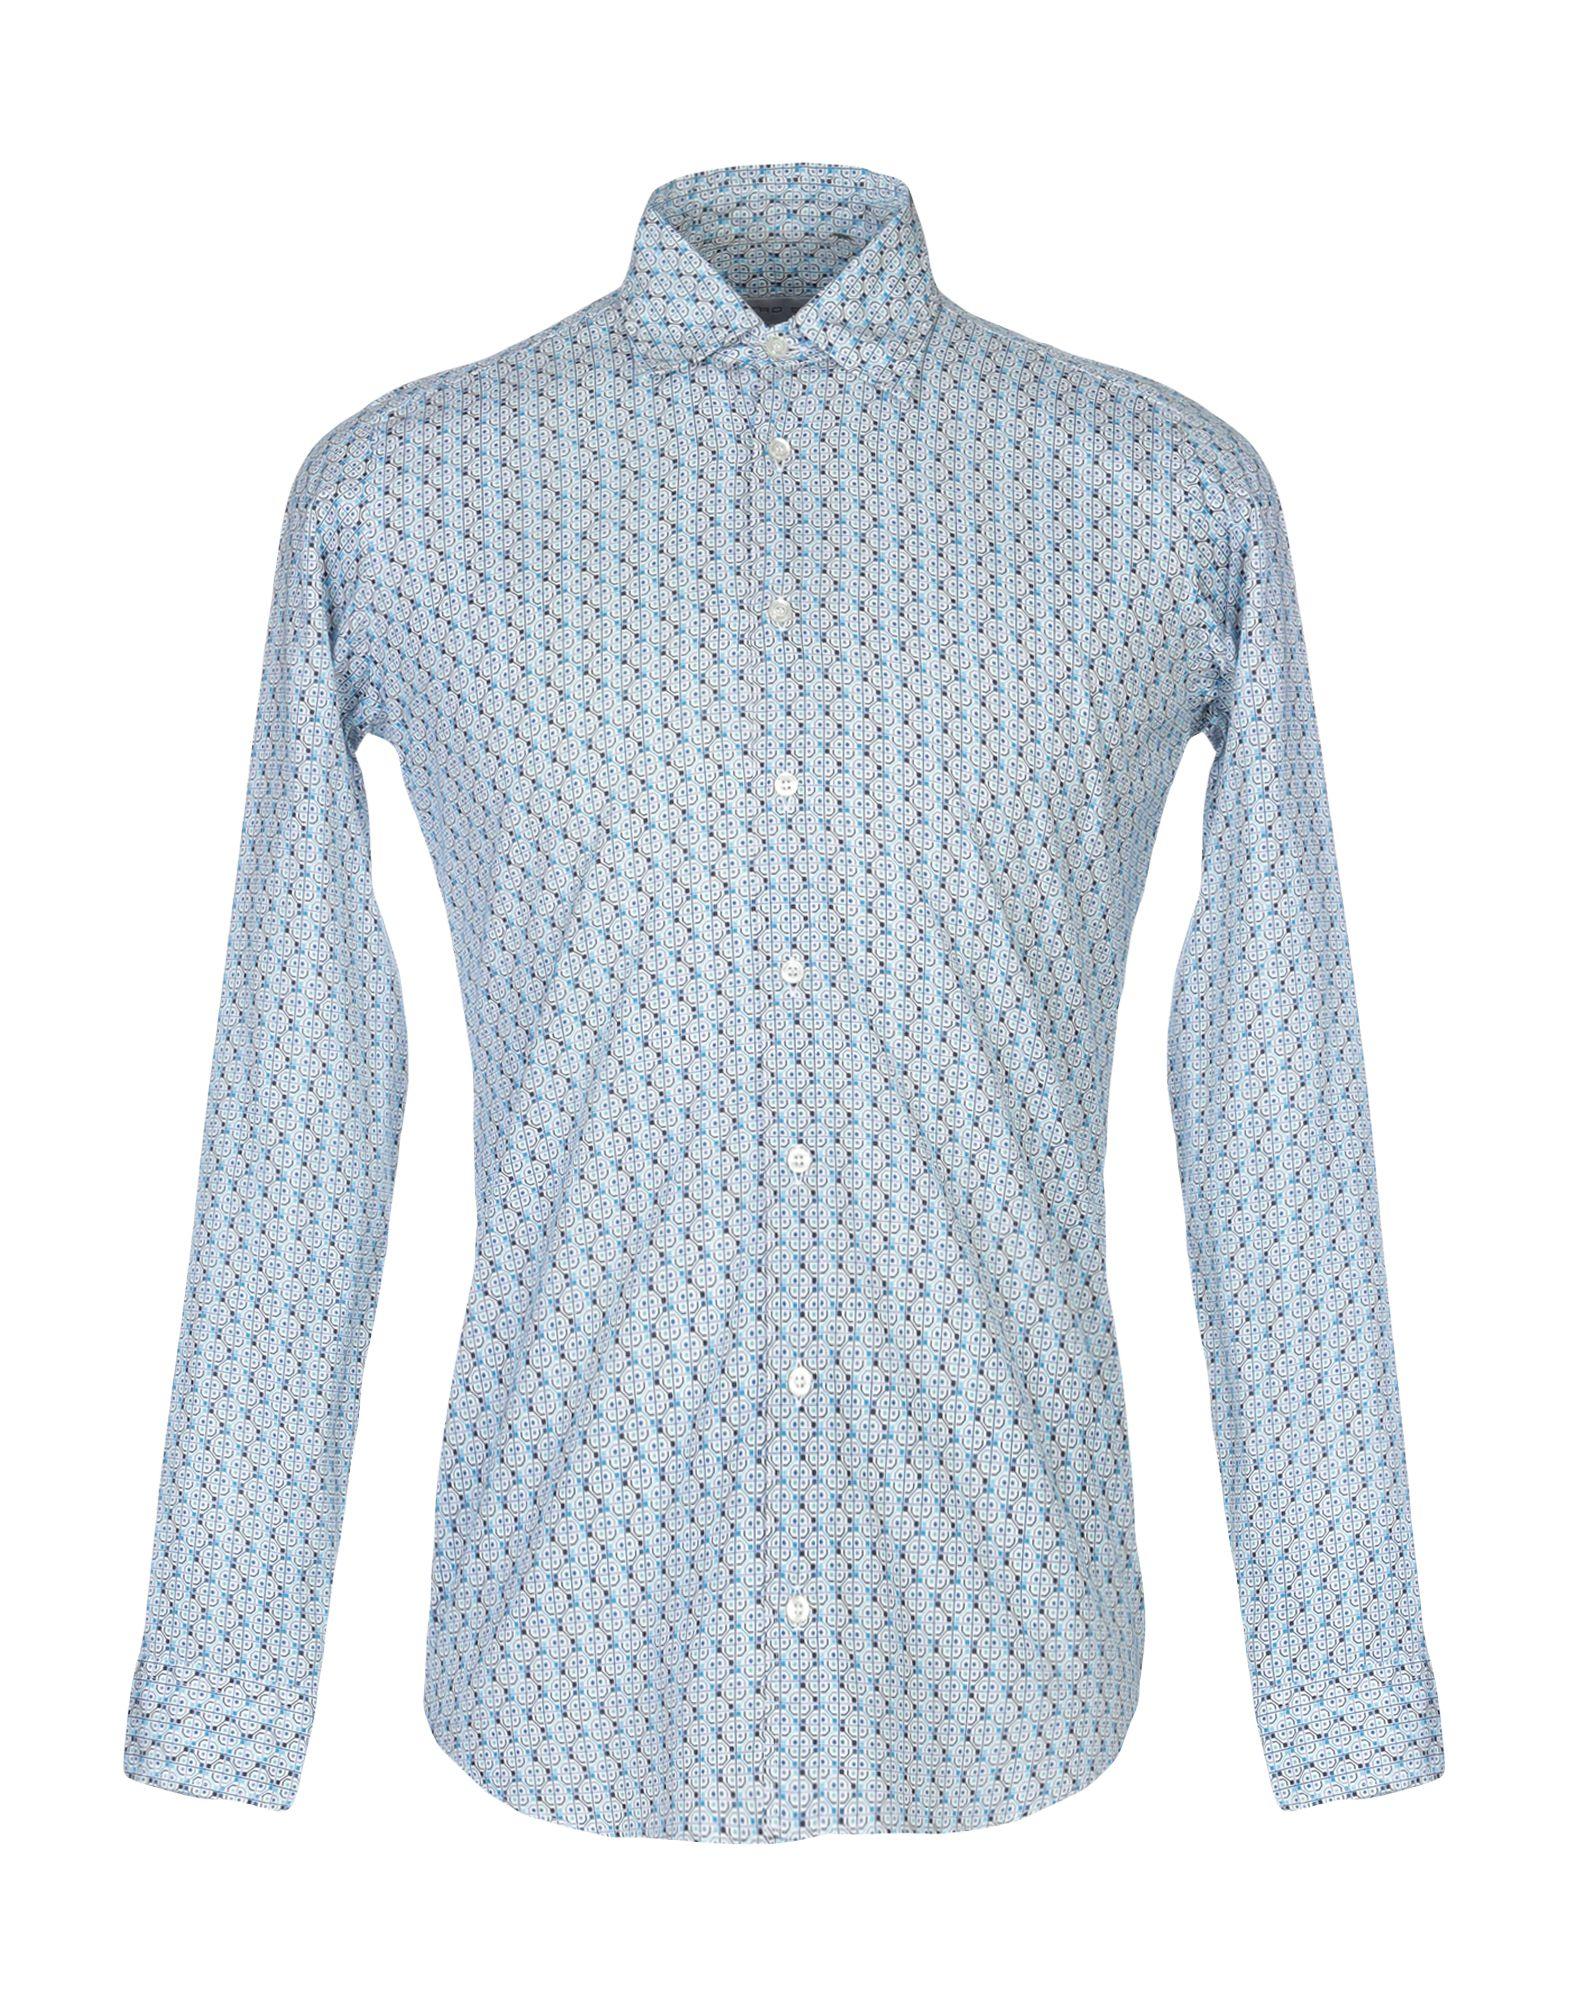 《送料無料》ETRO メンズ シャツ スカイブルー S コットン 100%